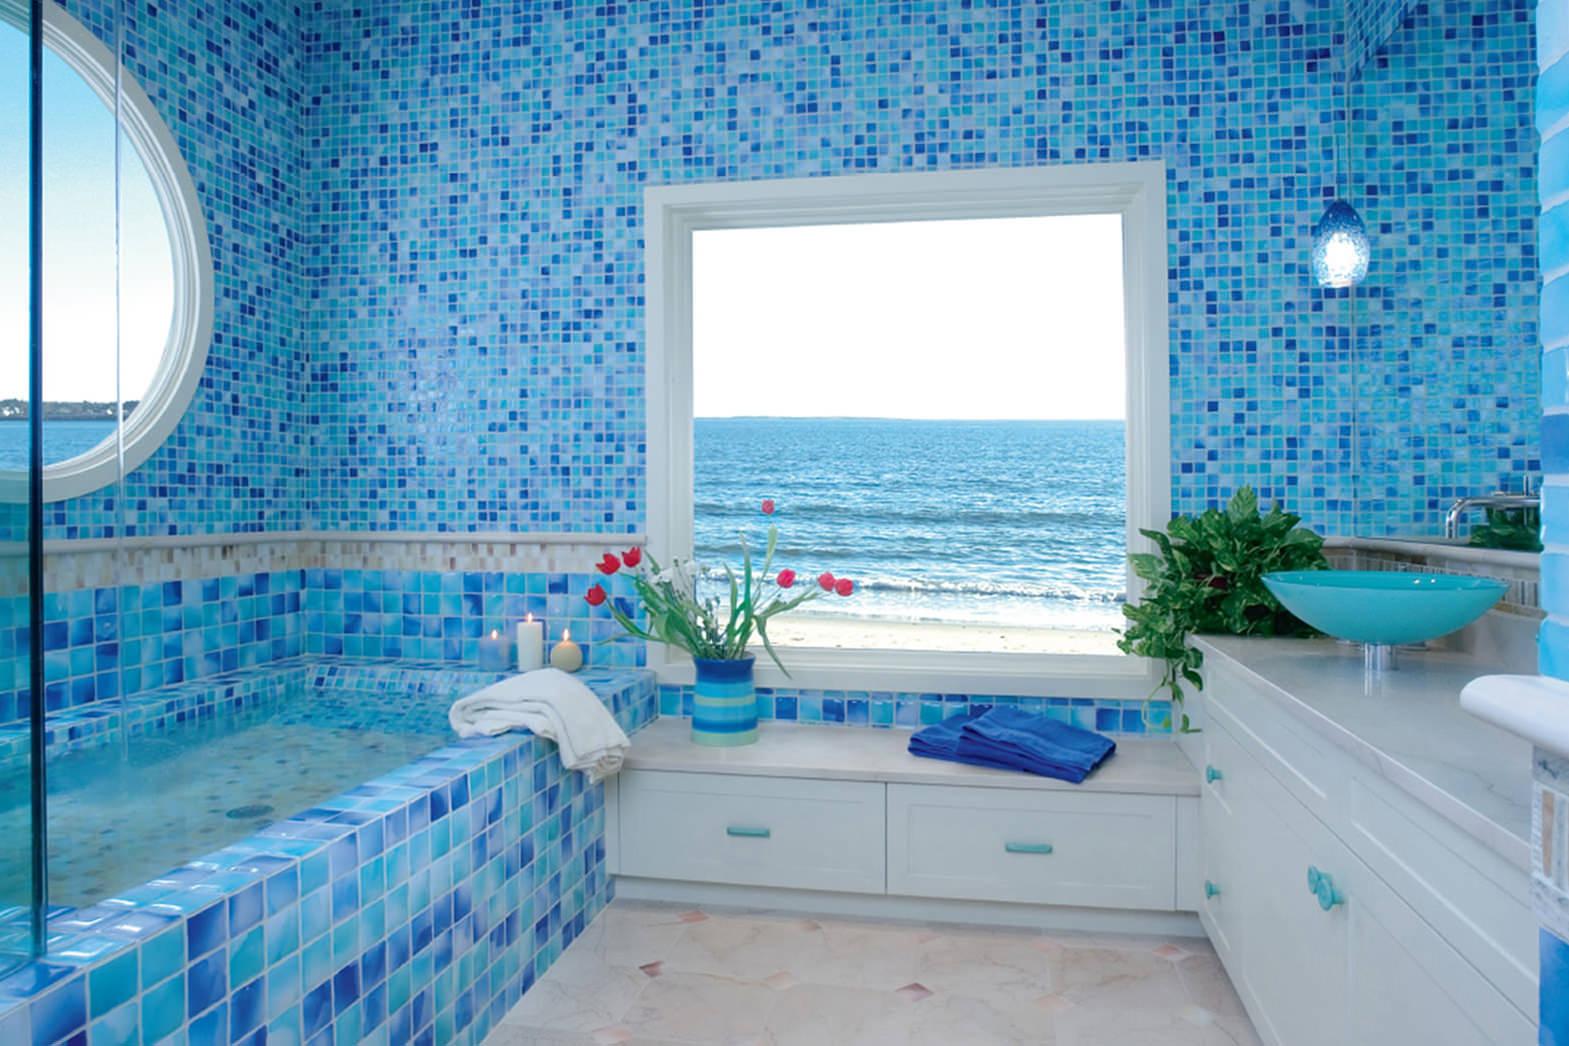 Мозаика в синих тонах в просторной ванной